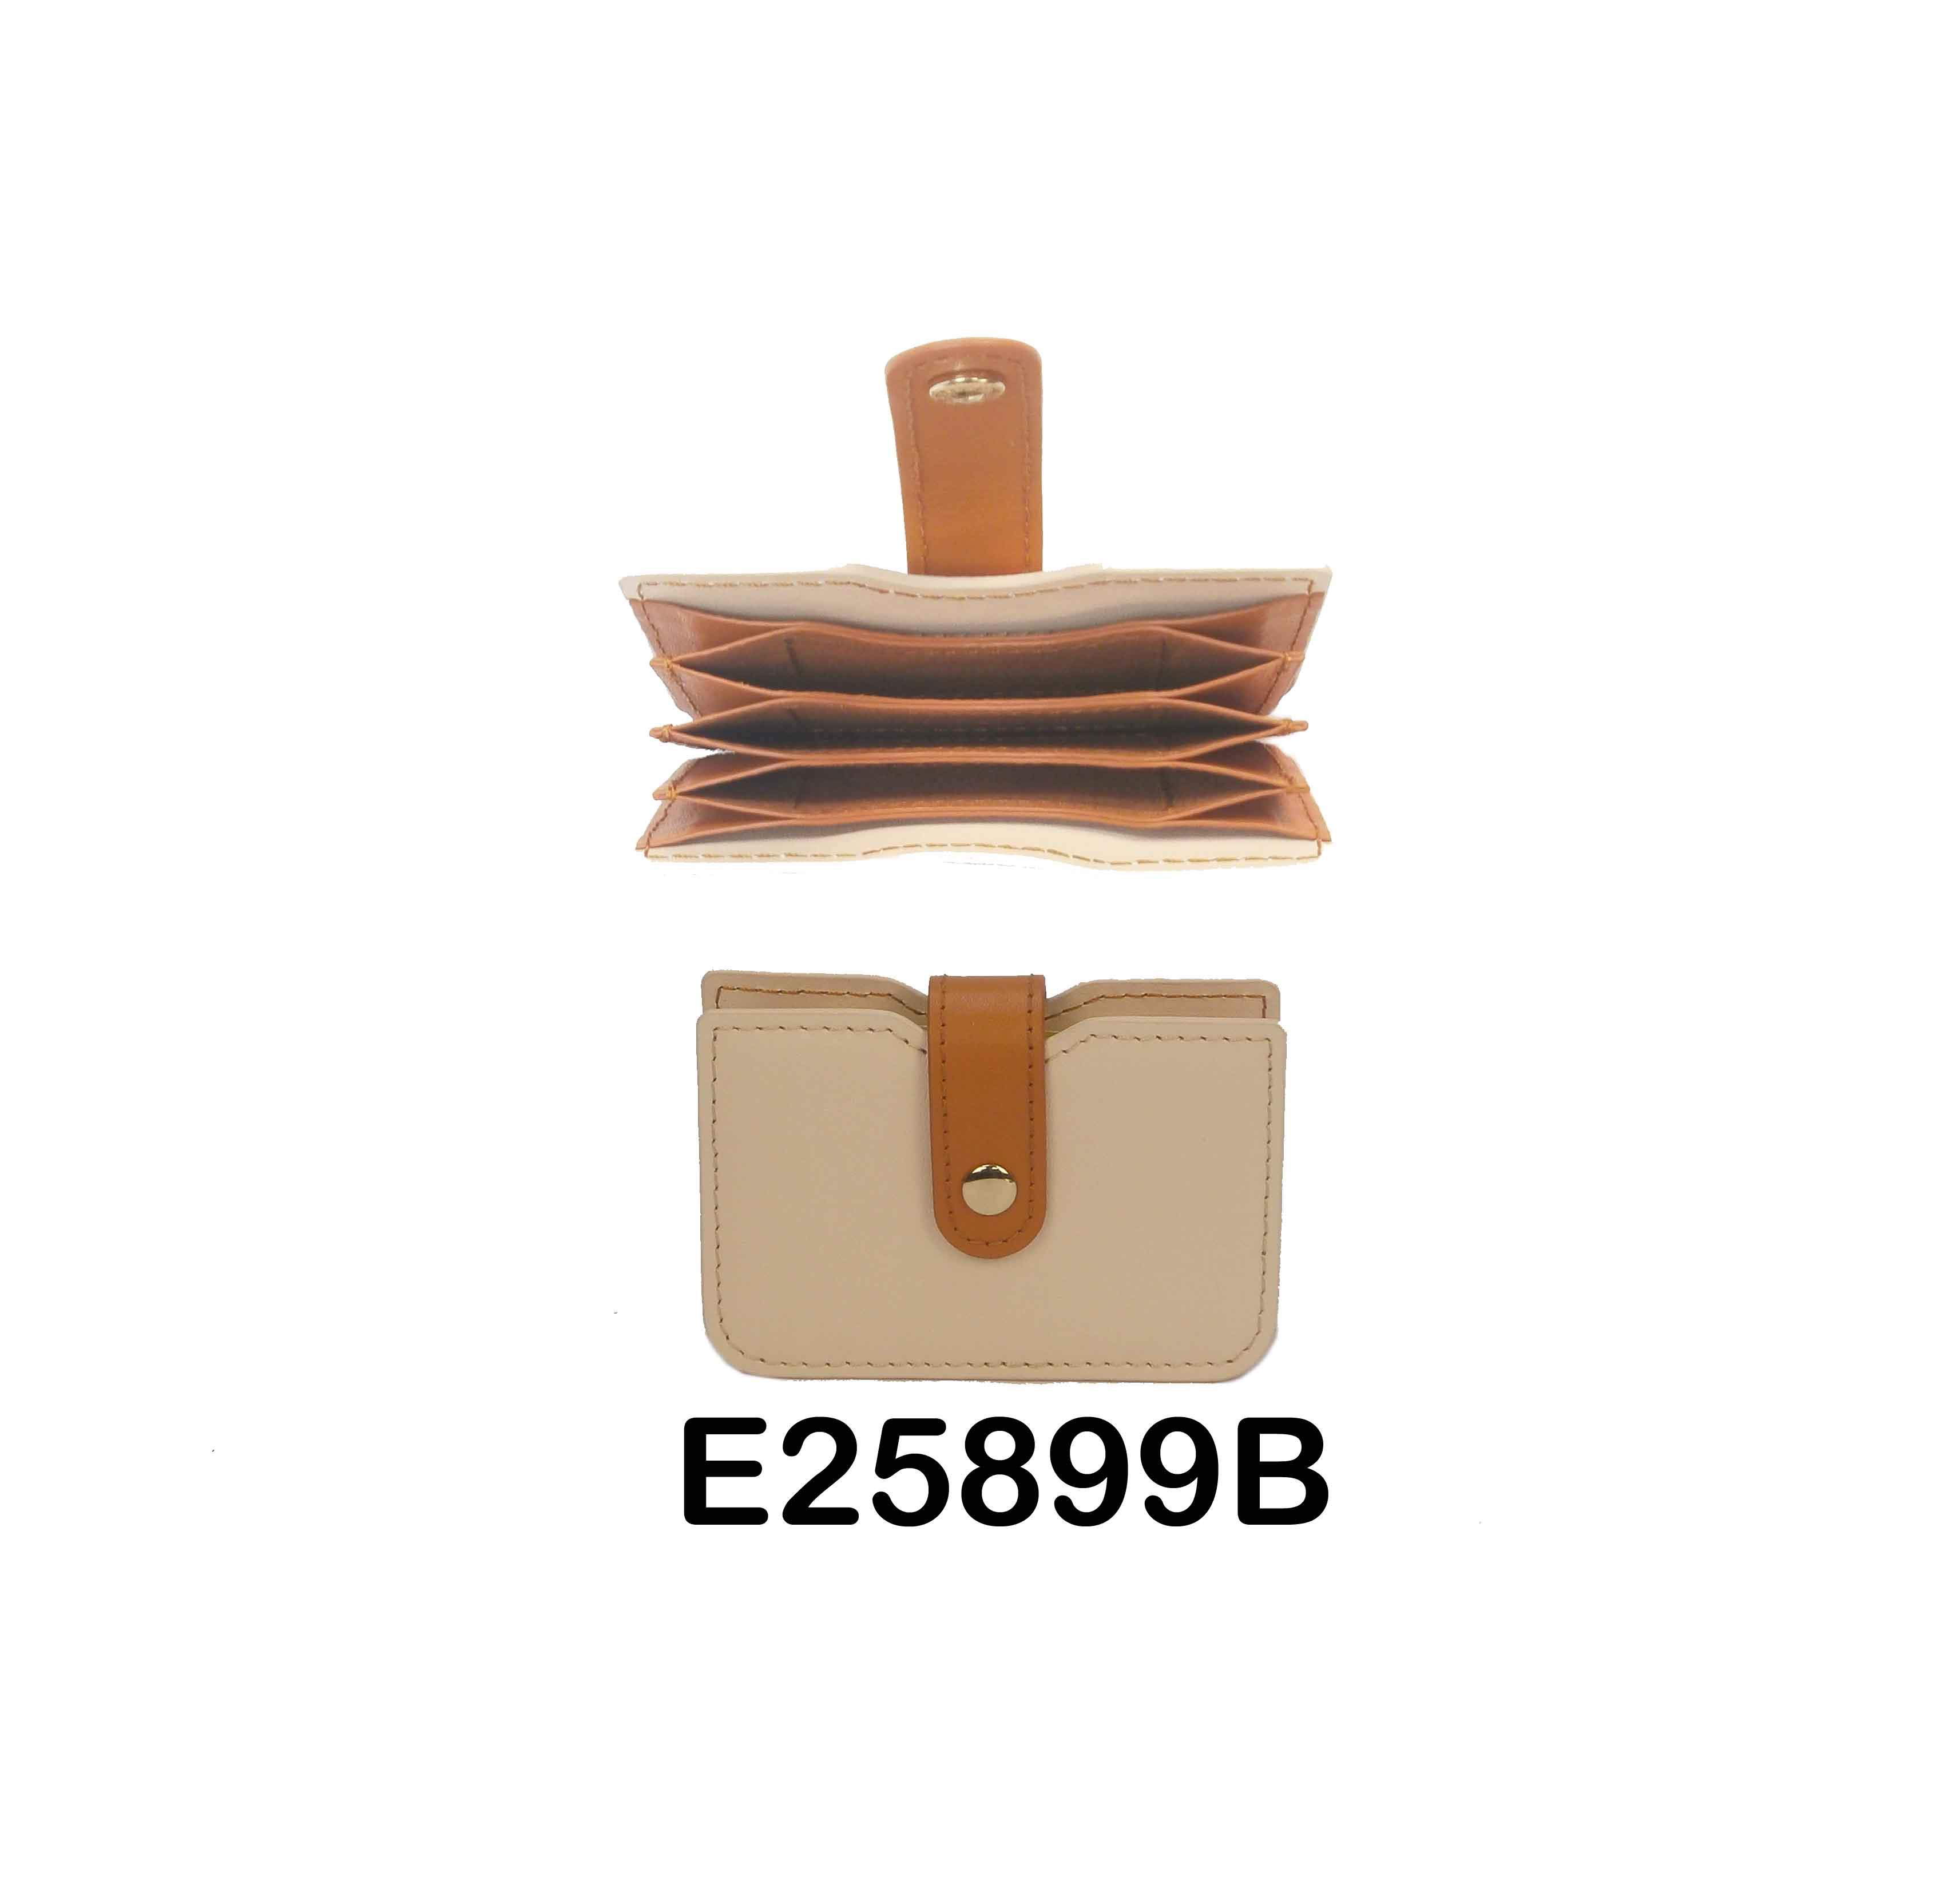 E25899B whole